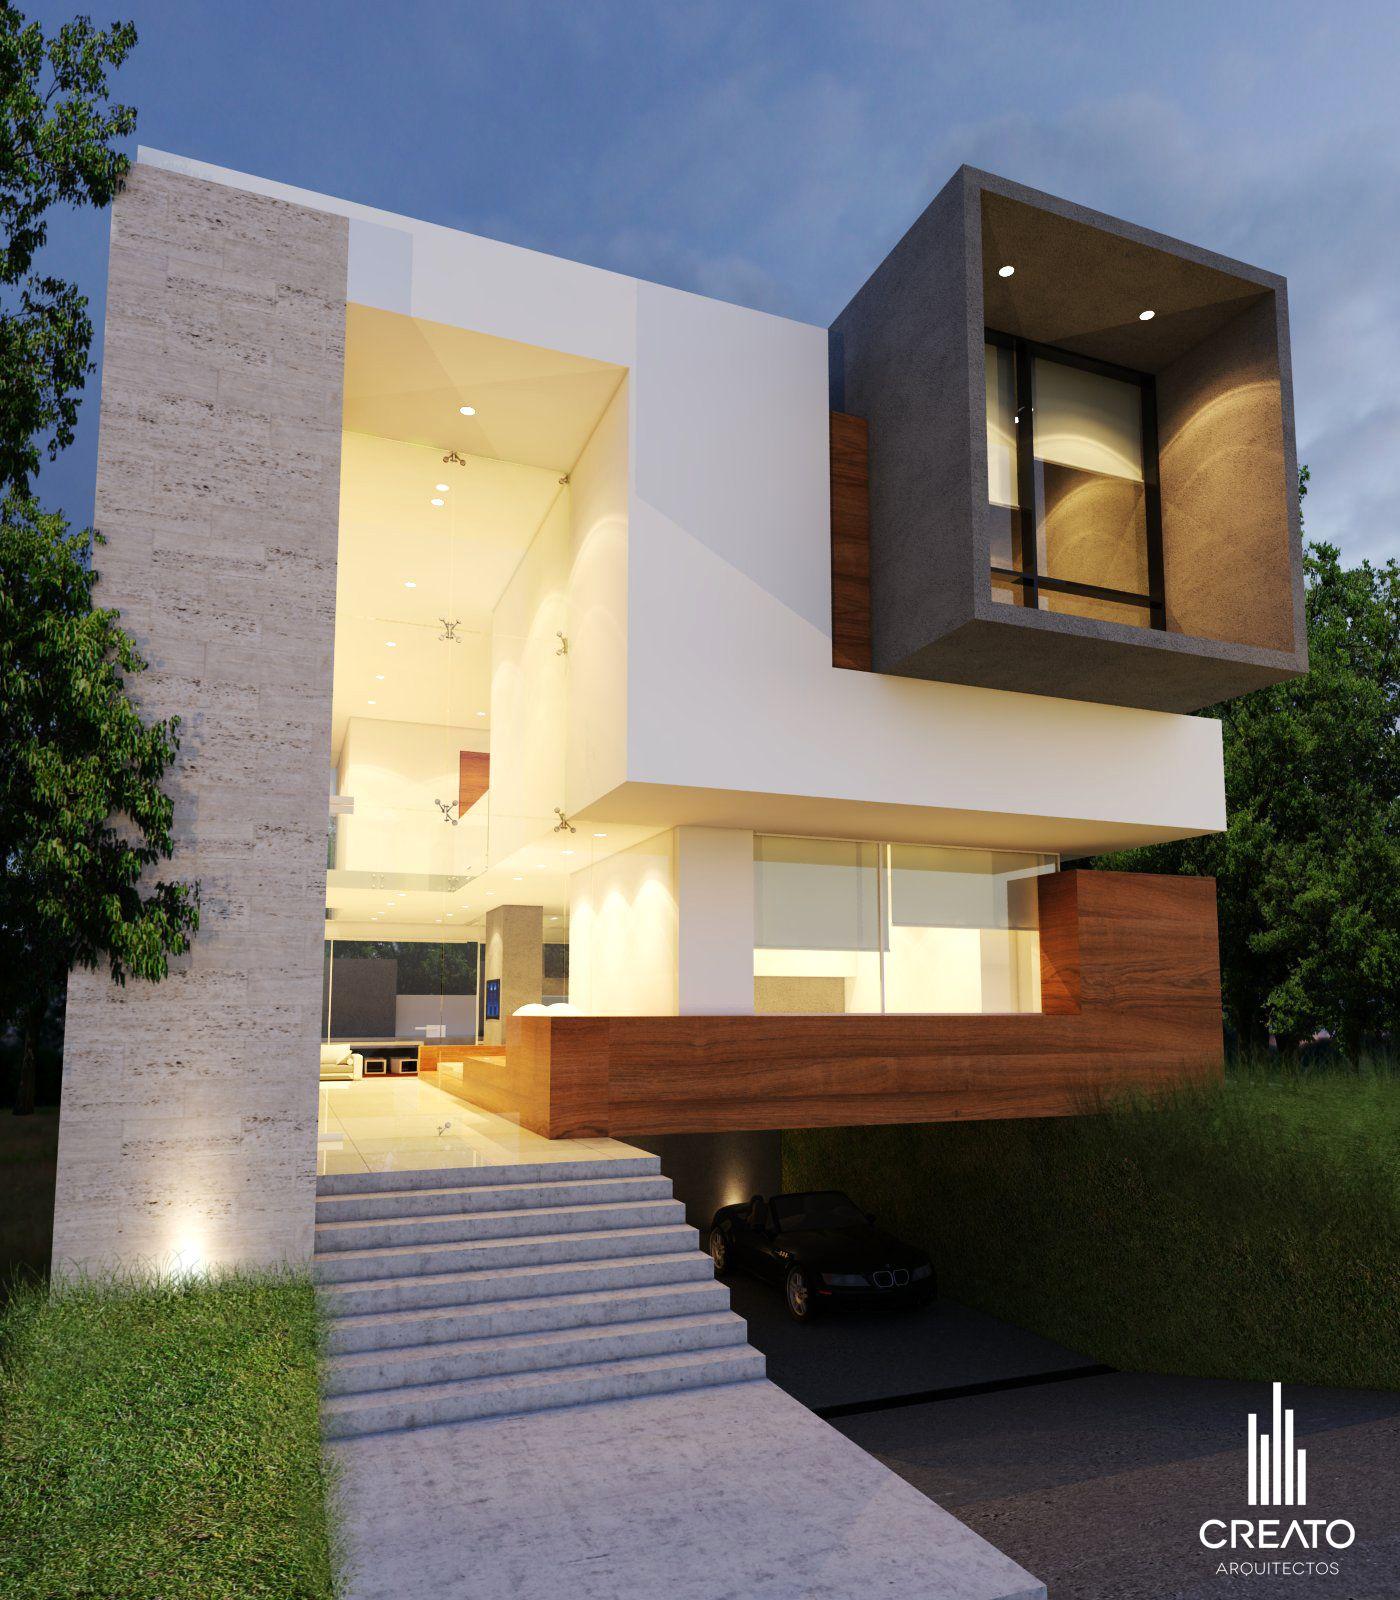 Casa la joya creato arquitectos rioja joya pinterest for Las casas modernas